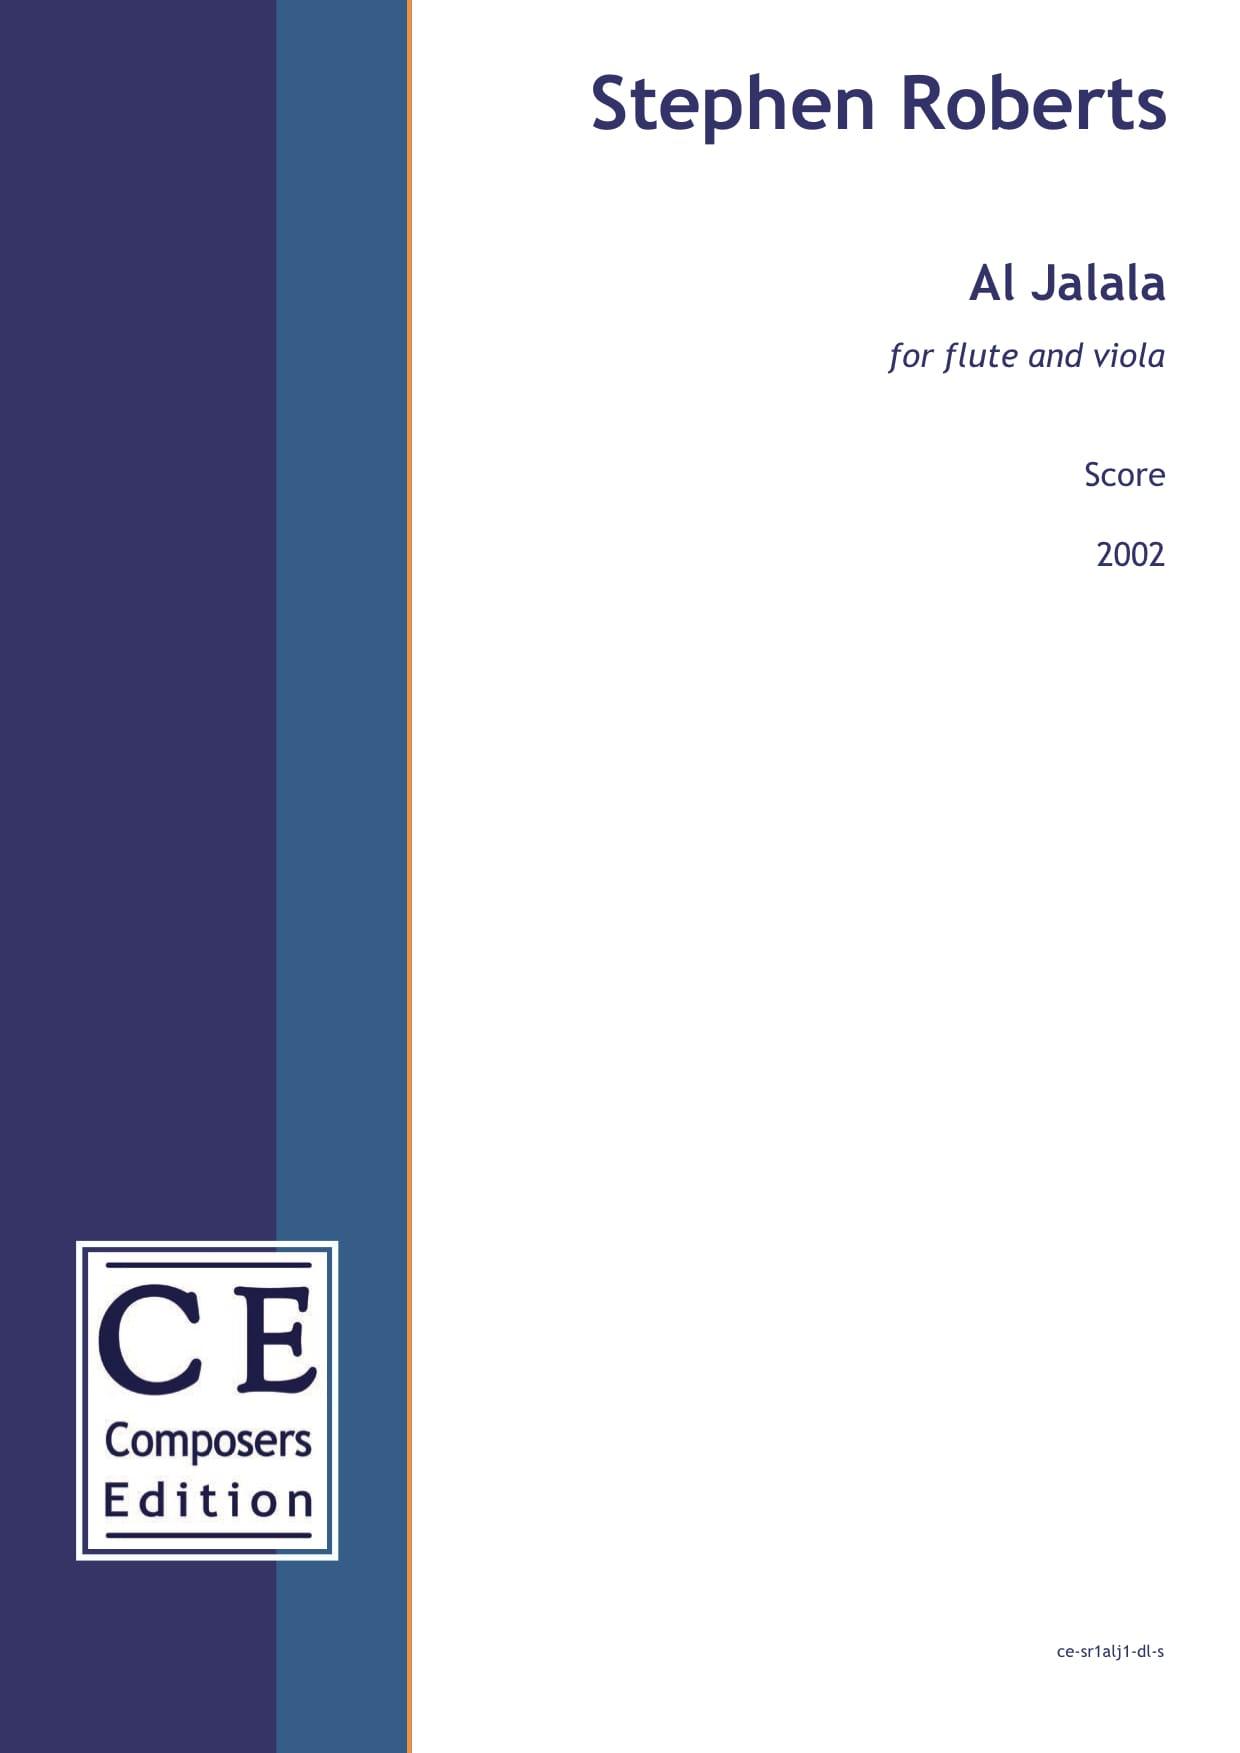 Stephen Roberts: Al Jalala for flute and viola